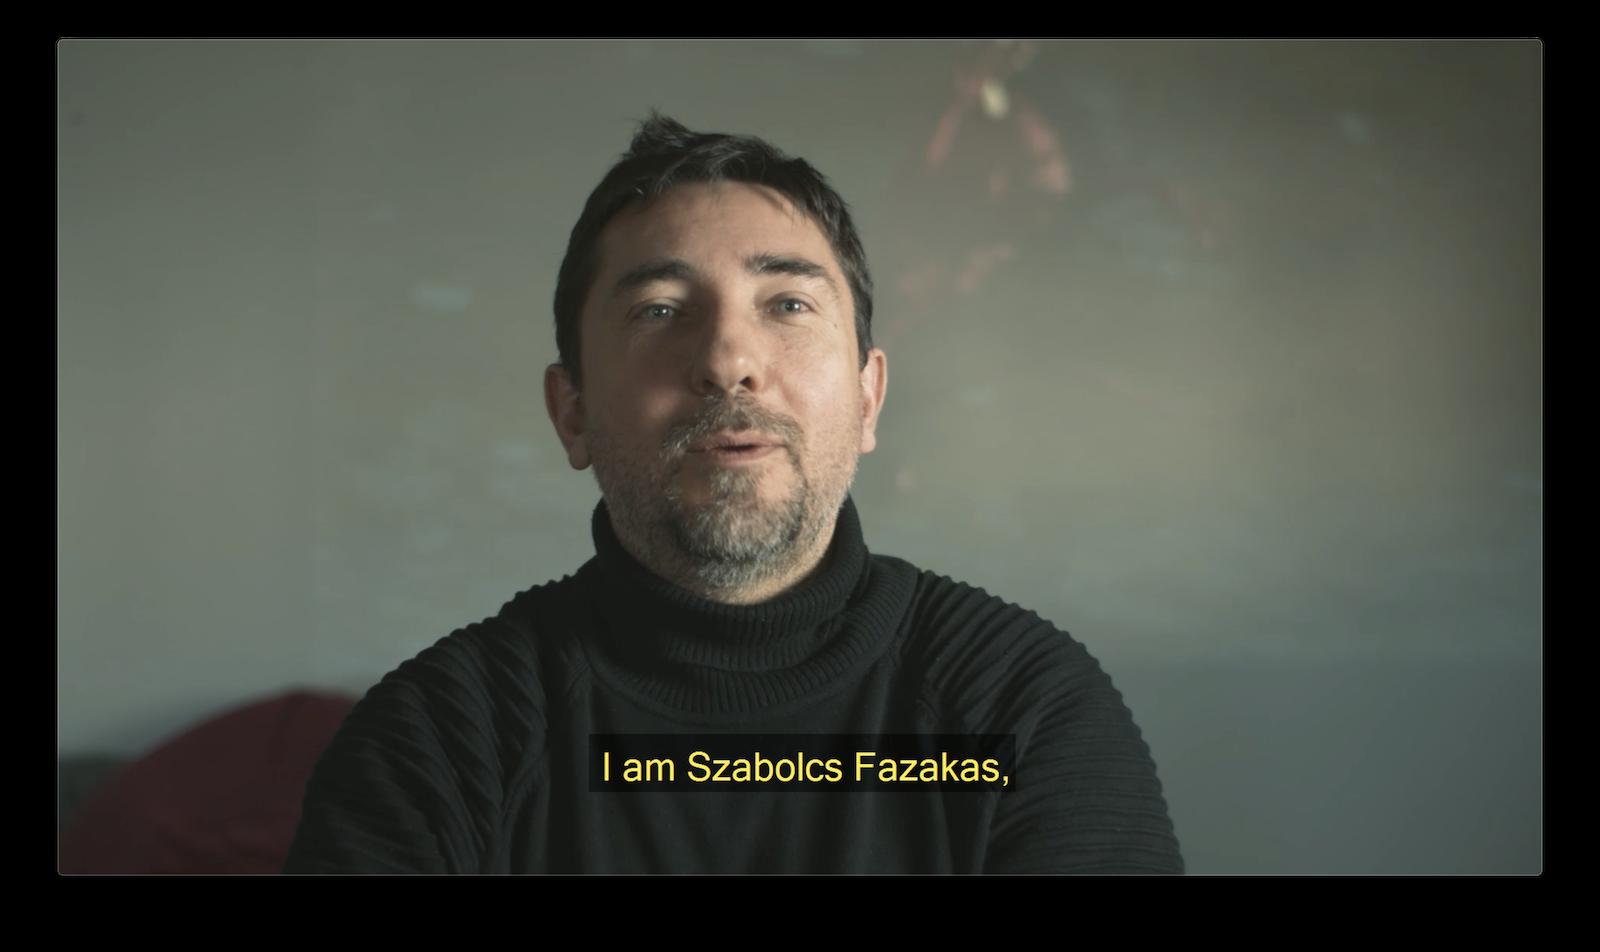 Faces of Transylvania: Szabolcs Fazakas